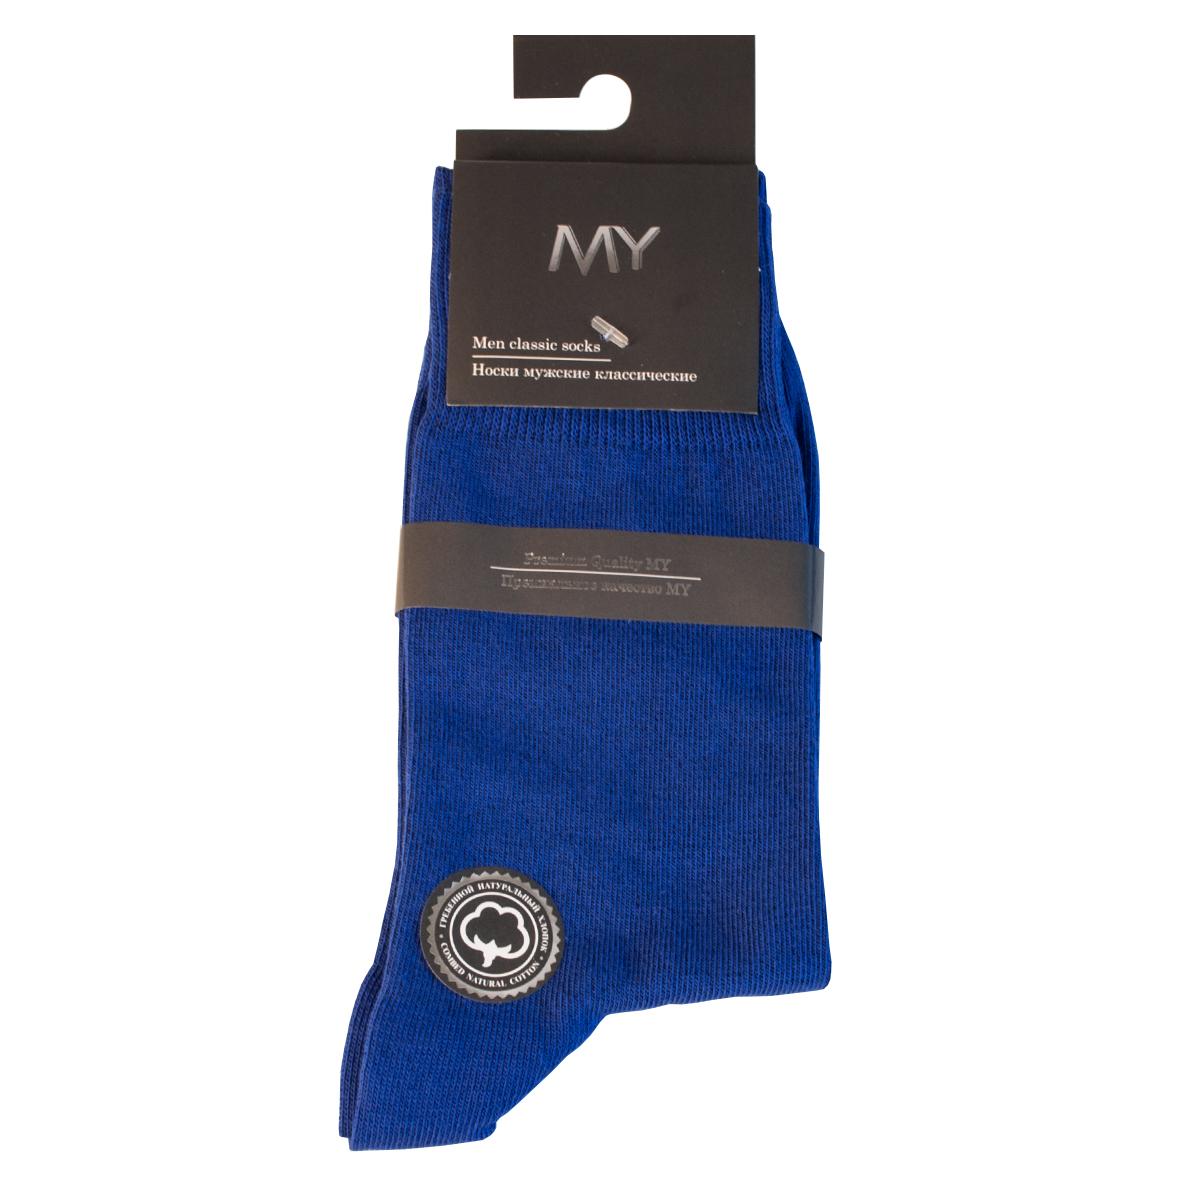 Носки мужские Mirey, цвет: синий. MSC 003. Размер (38/40)MSC 003Классические мужские носки от Mirey выполнены из хлопка с эластаном.Мысок и пятка не усиленные, двойная резинка, плоский шов.